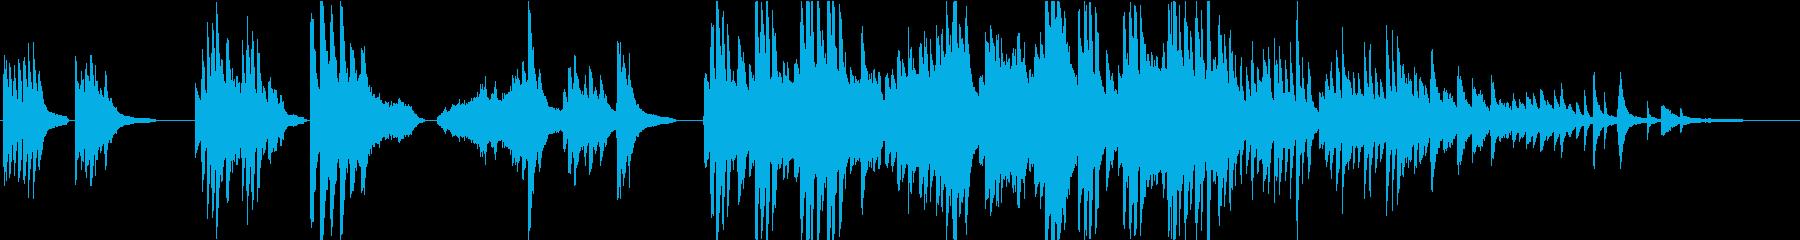 弦楽器とピアノの暖かくて優しいBGMの再生済みの波形